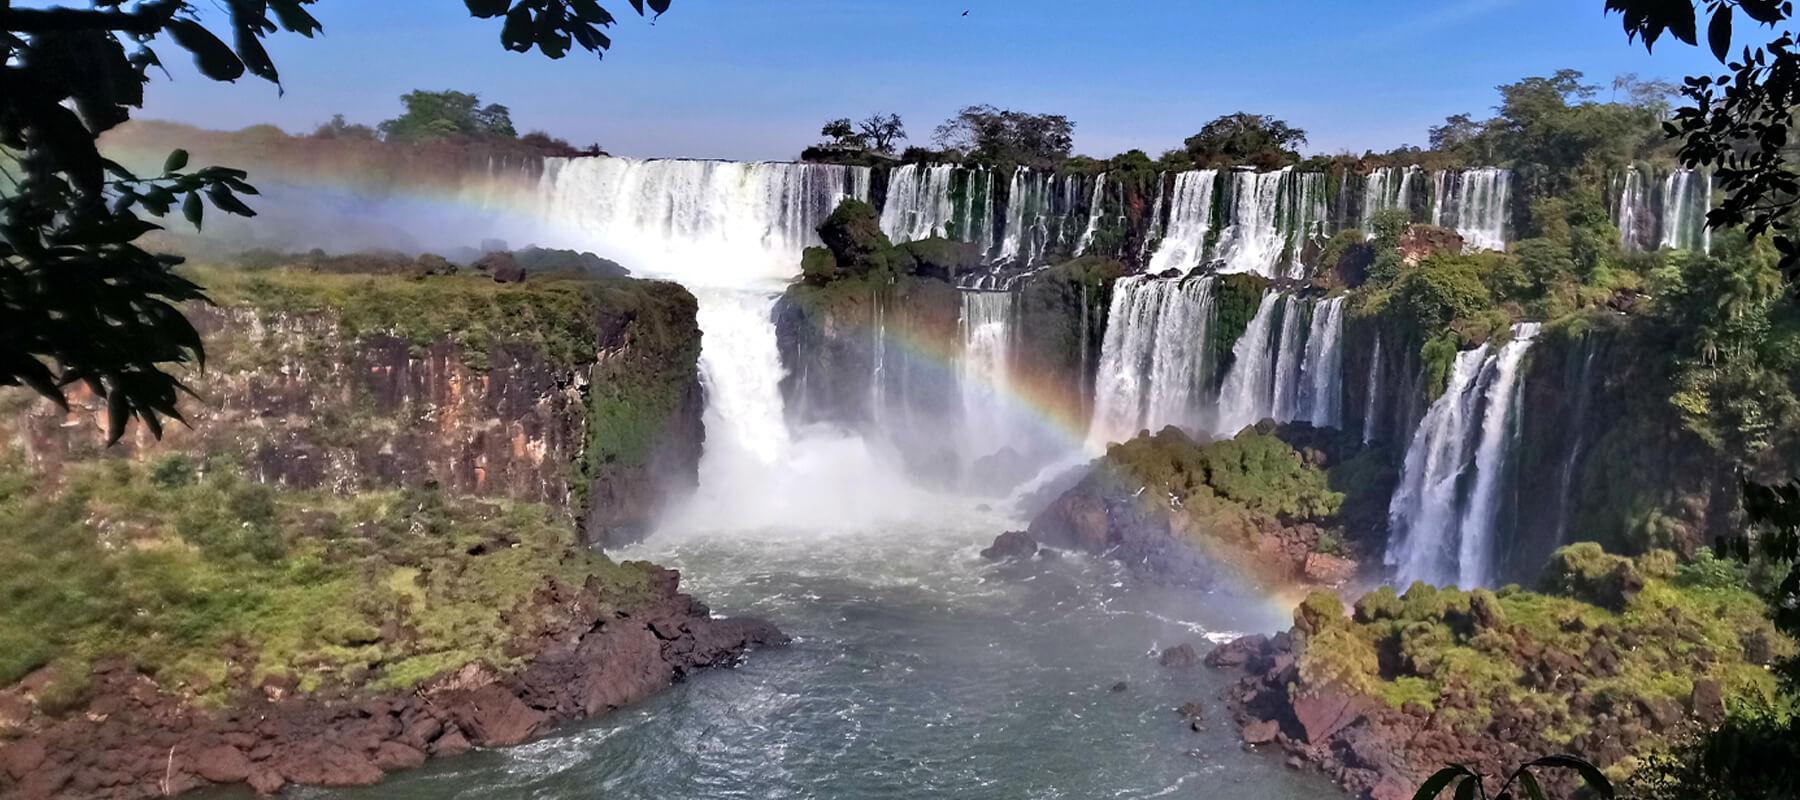 Visiter les chutes d'Iguazú: Des arcs-en-ciel àgogo